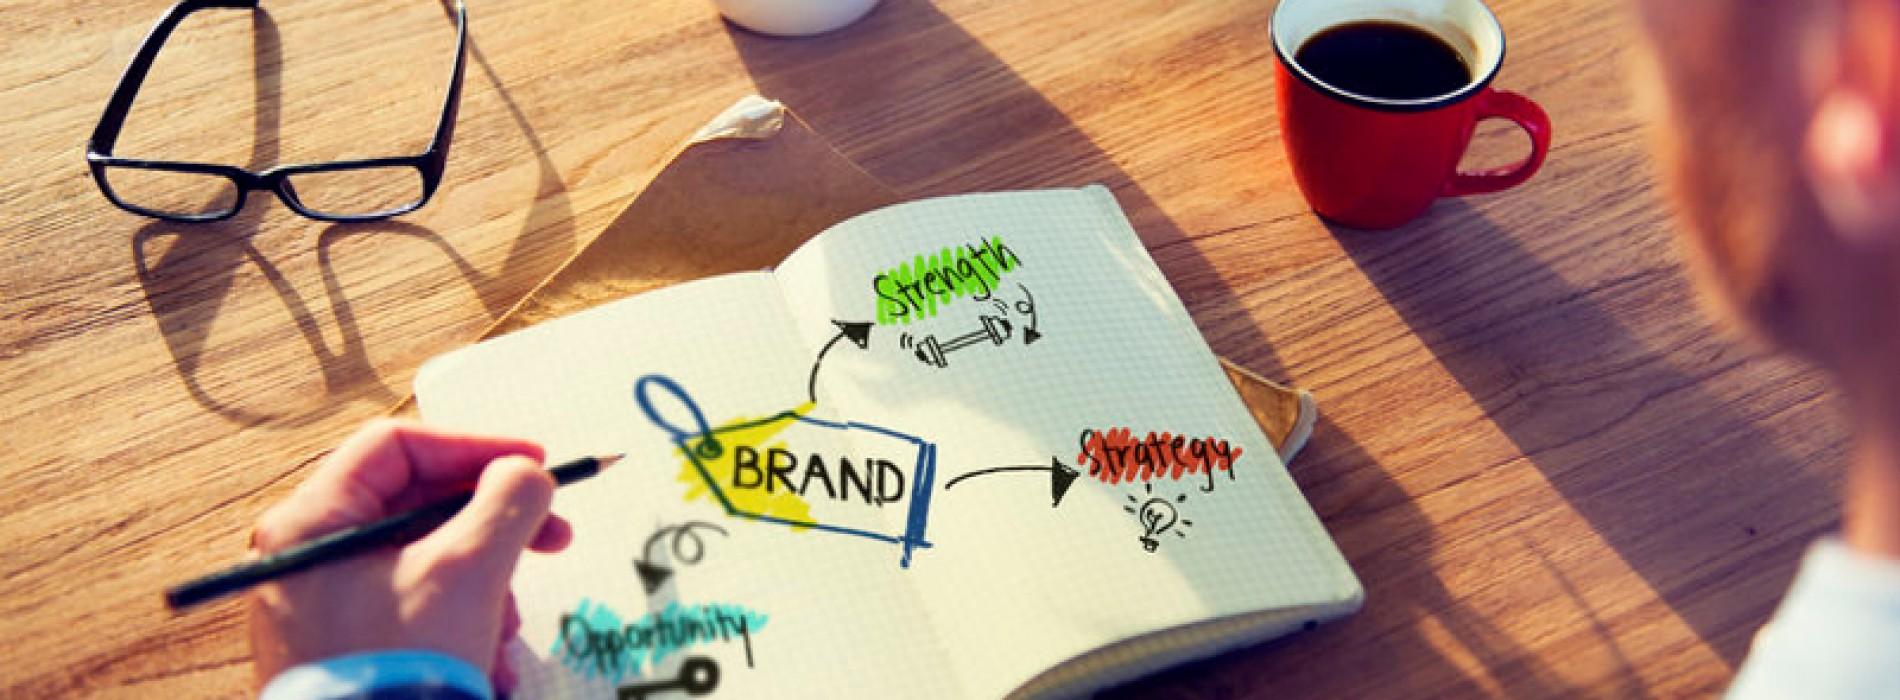 Jak tworzyć skuteczne artykuły sponsorowane?